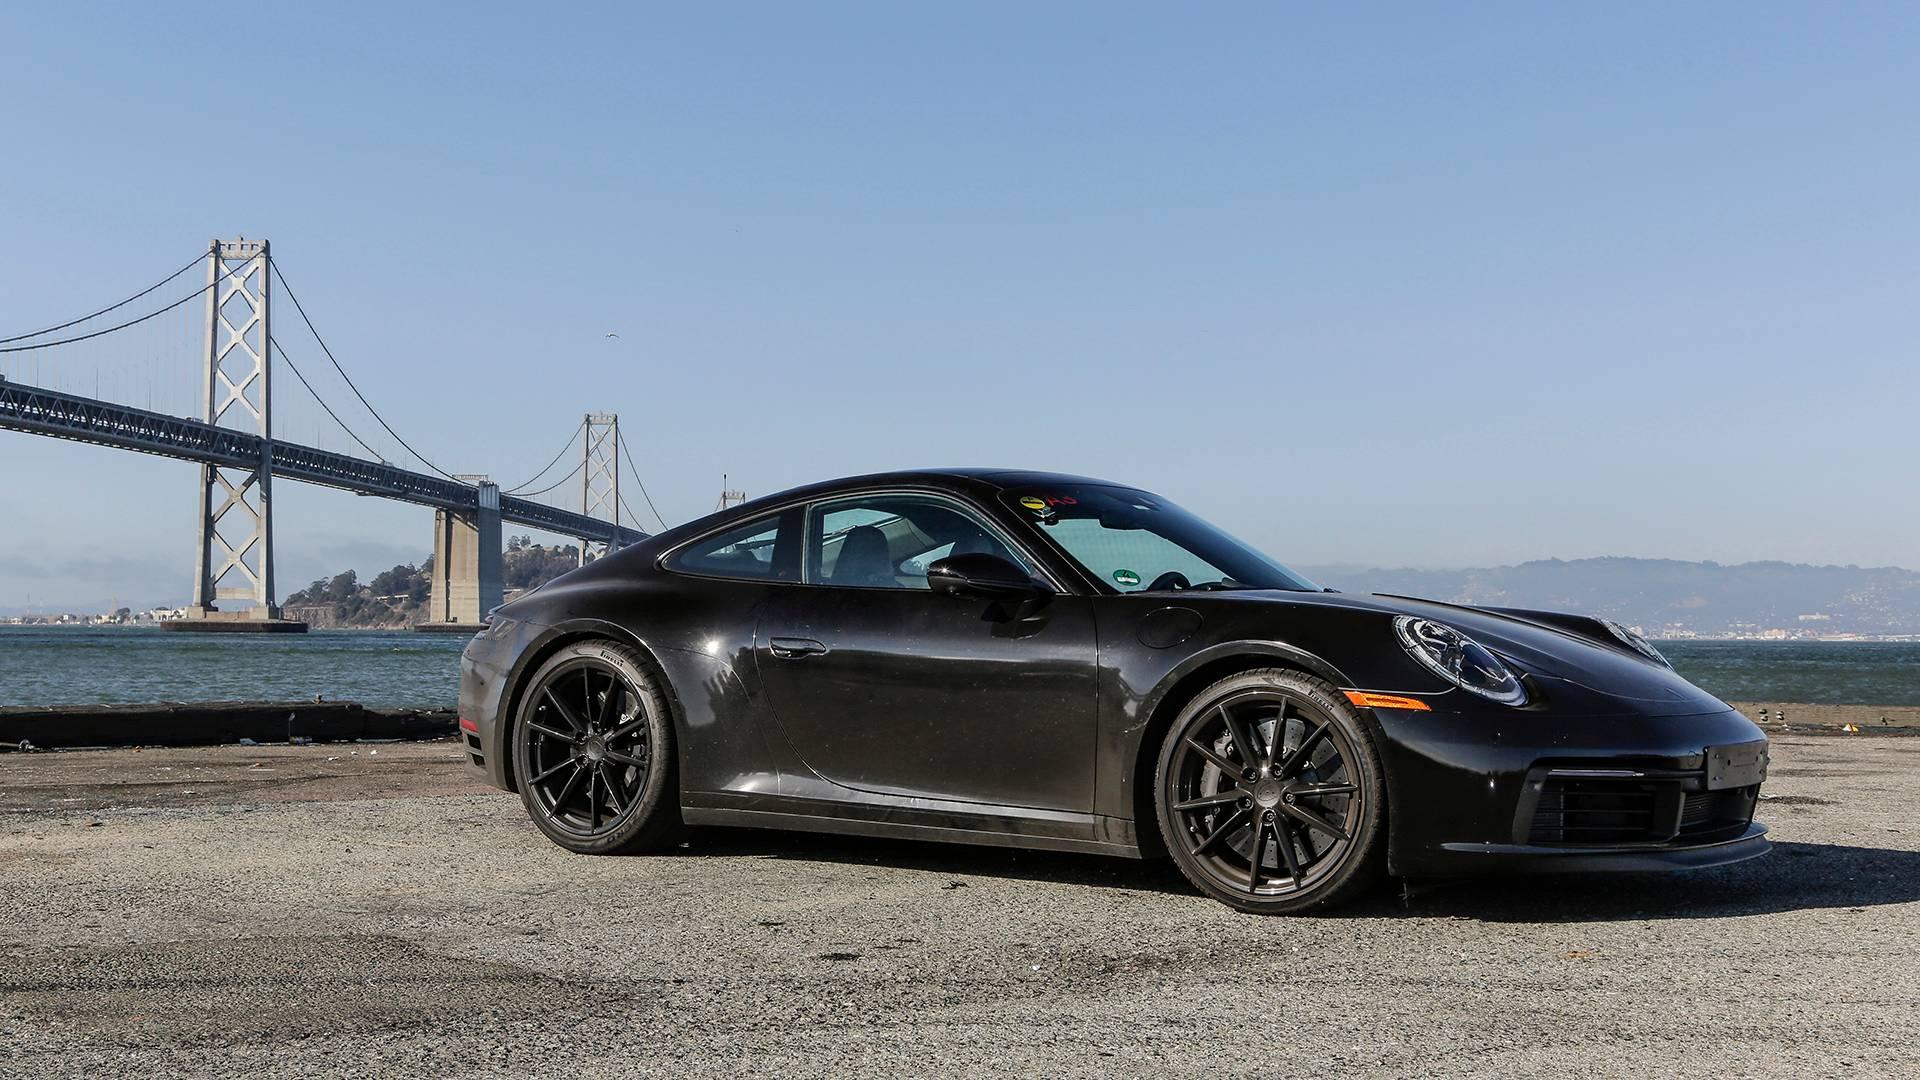 2020 Porsche 911 Images Leaked Ahead Official LA Debut 1920x1080